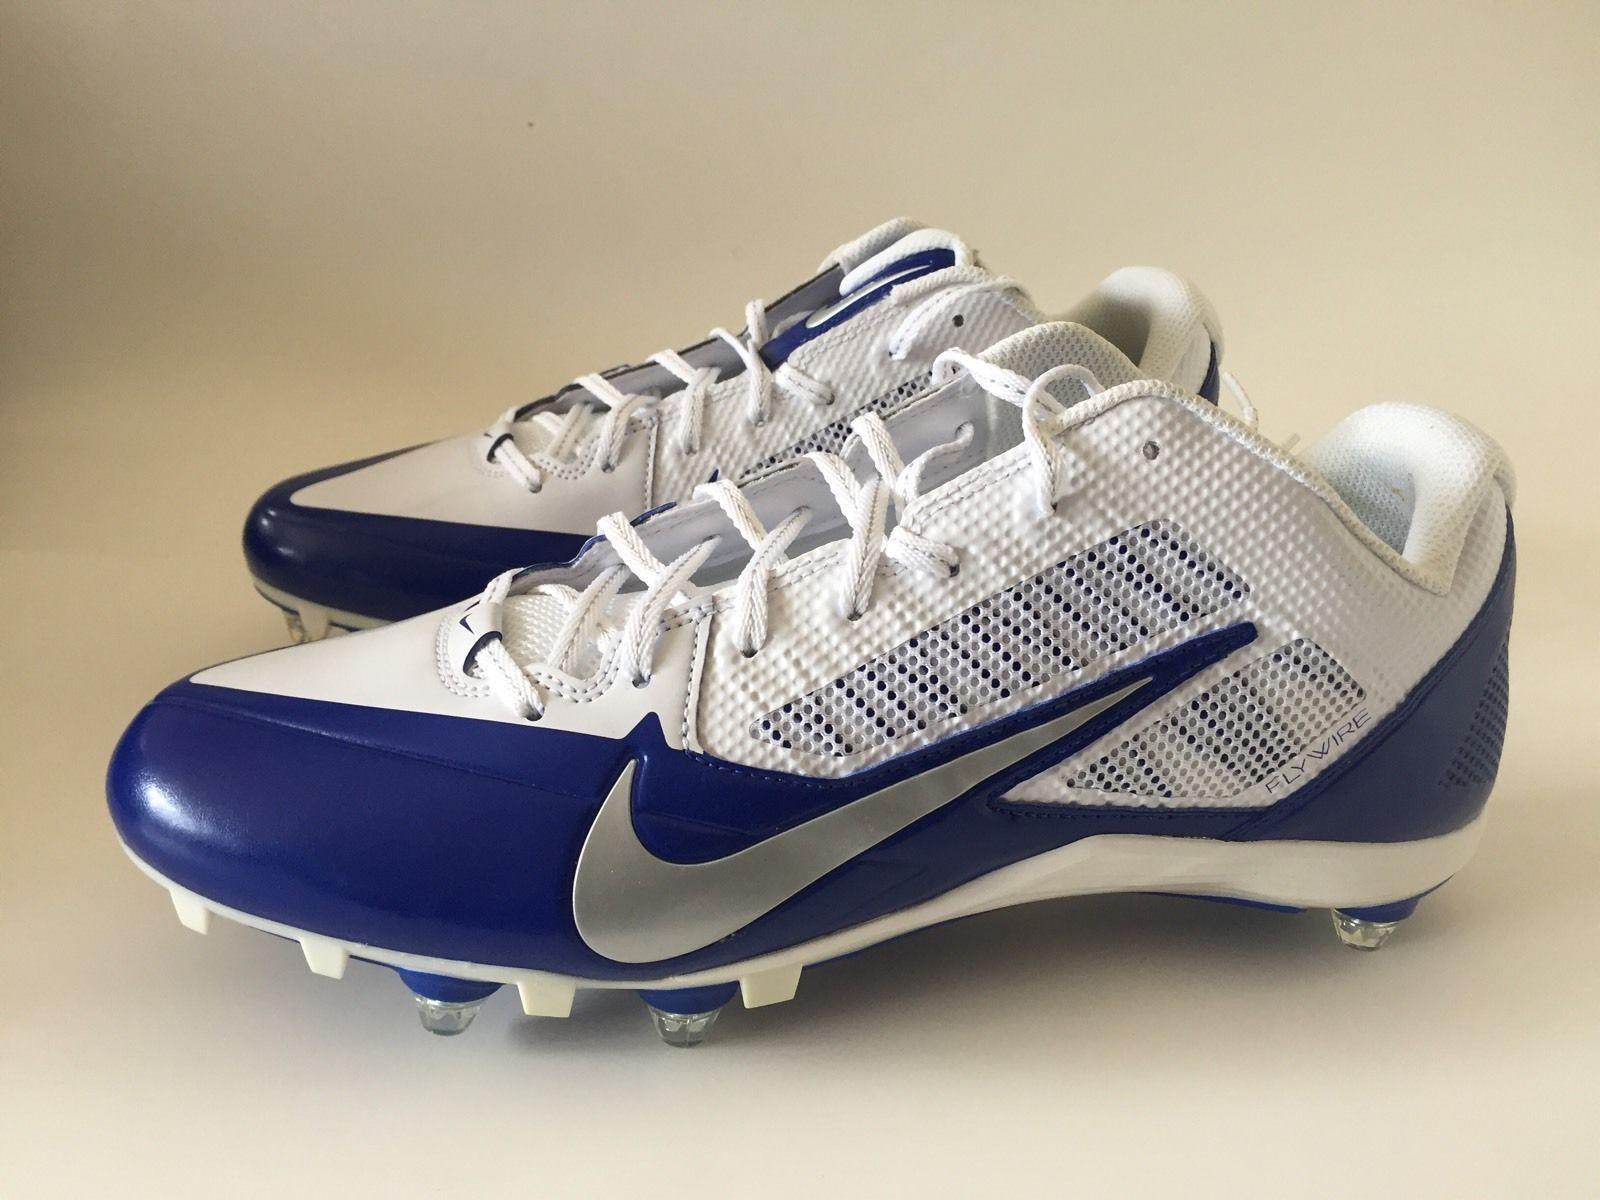 b3537def160d Nfl Dallas Cowboys Nike Men s 12.5 Alpha Pro and 50 similar items